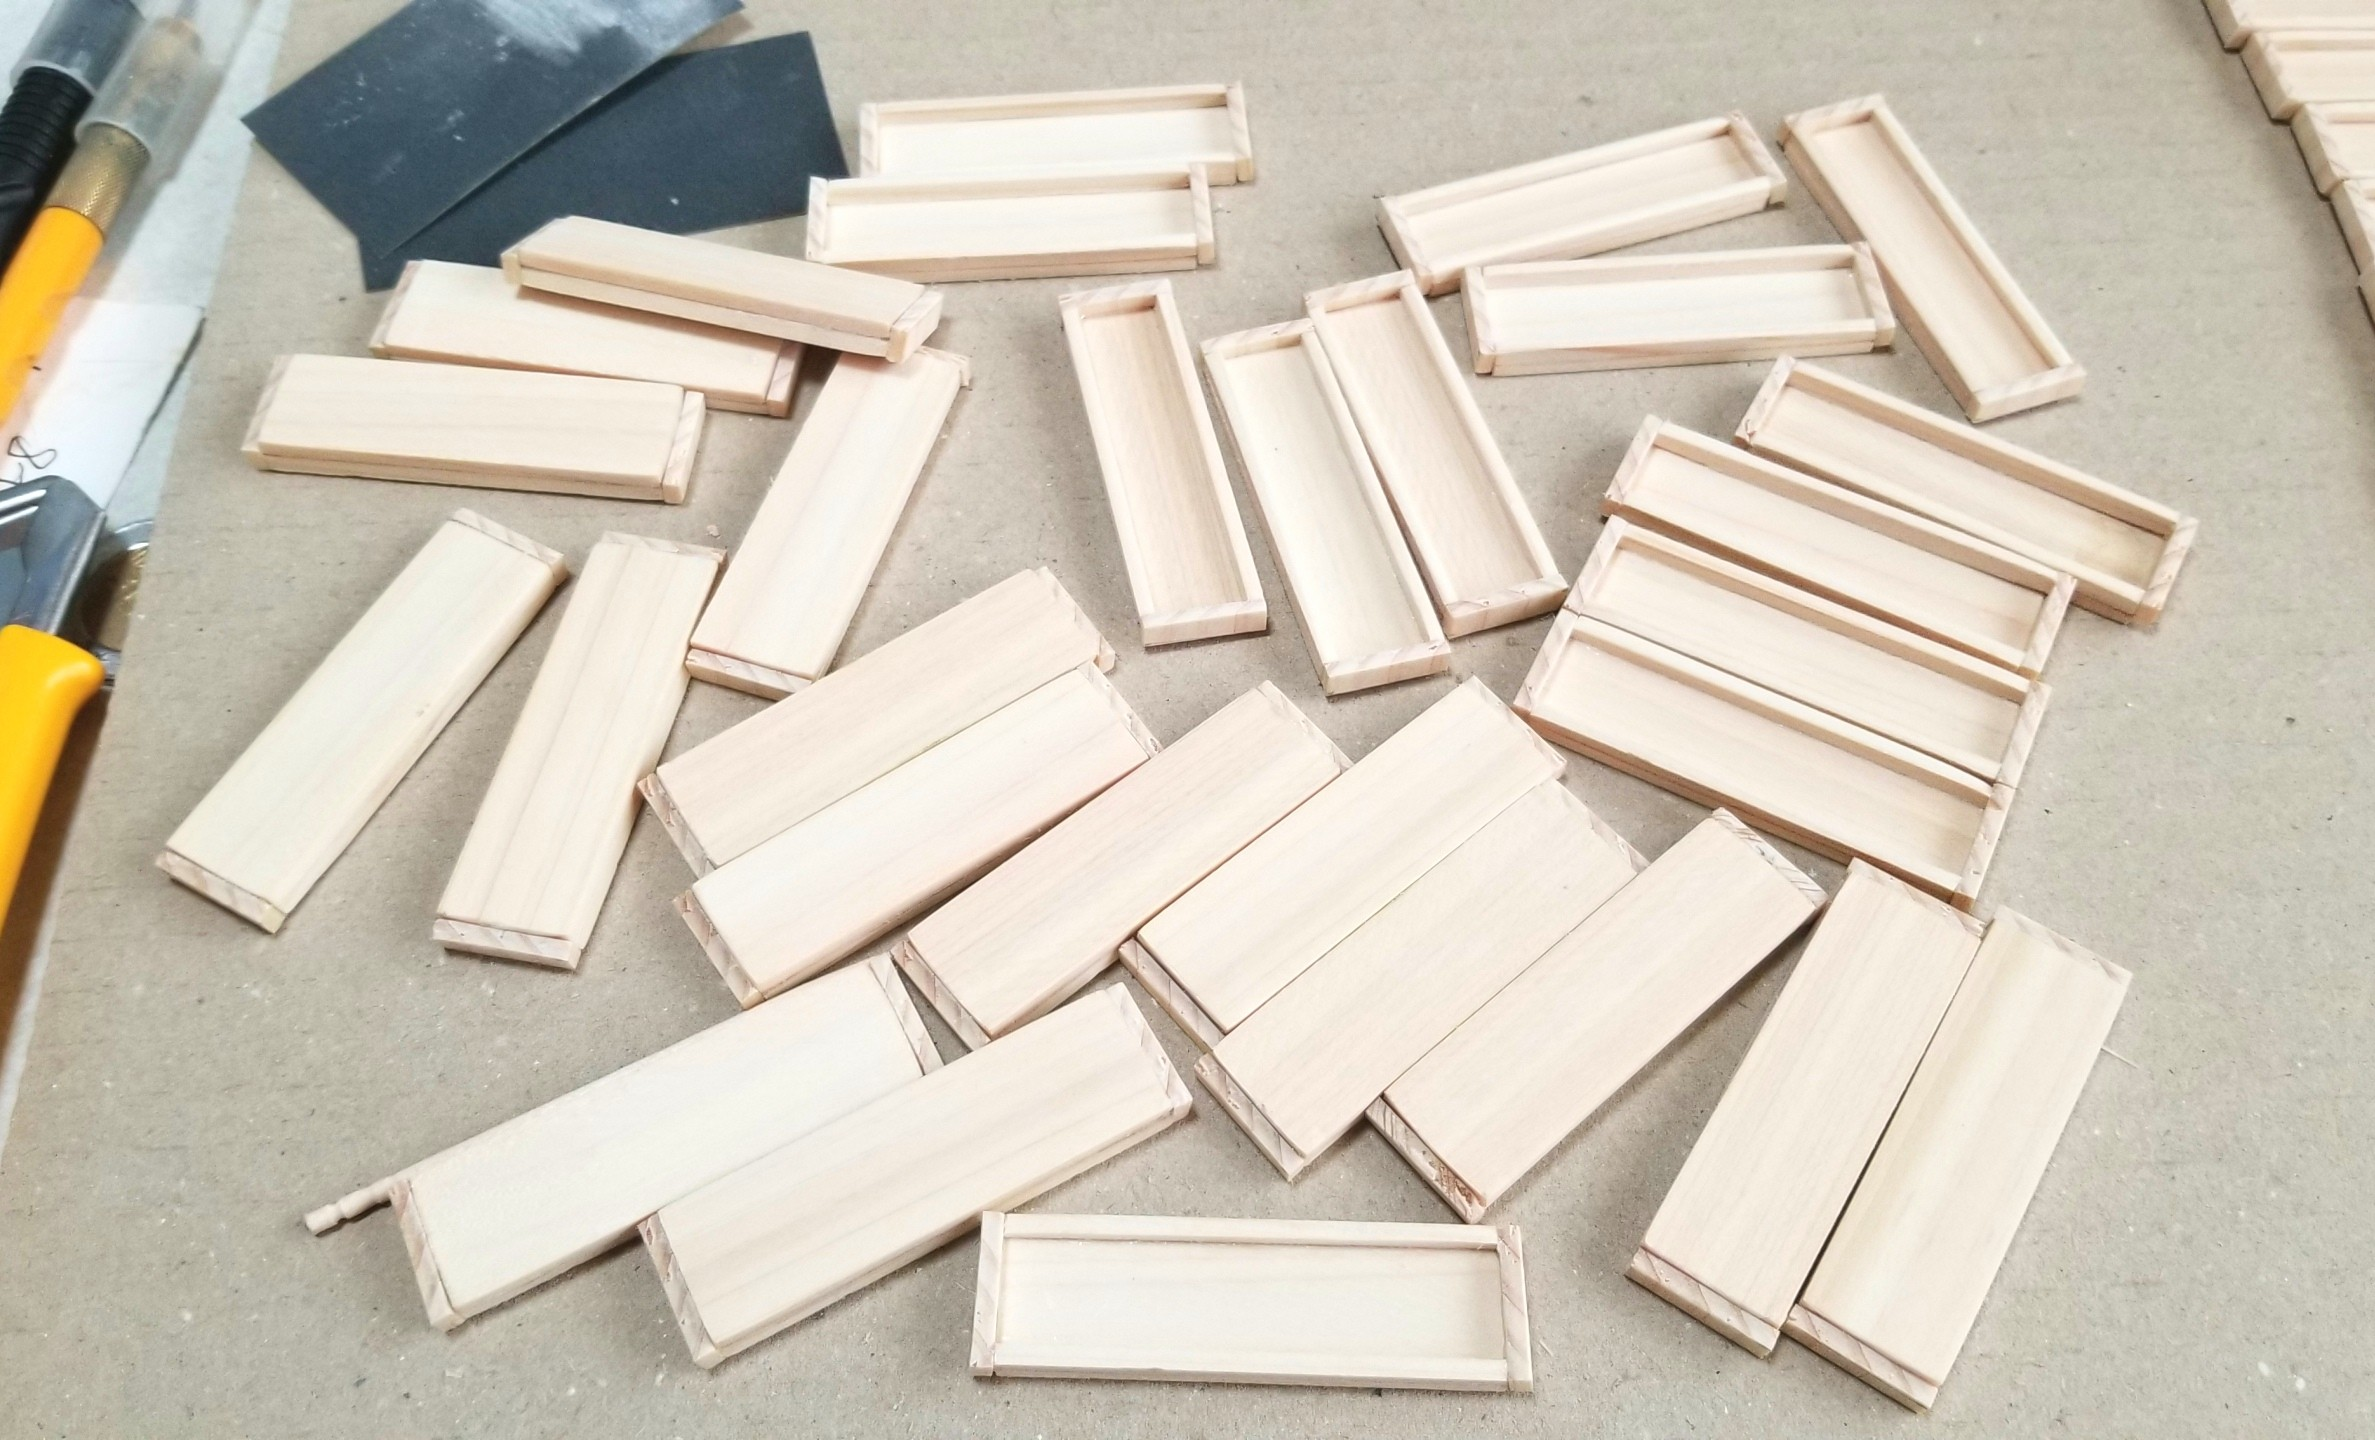 ミニチュア,接着,木製トレー,箱,作り方,ヒノキ,桧,木工作業,ドール